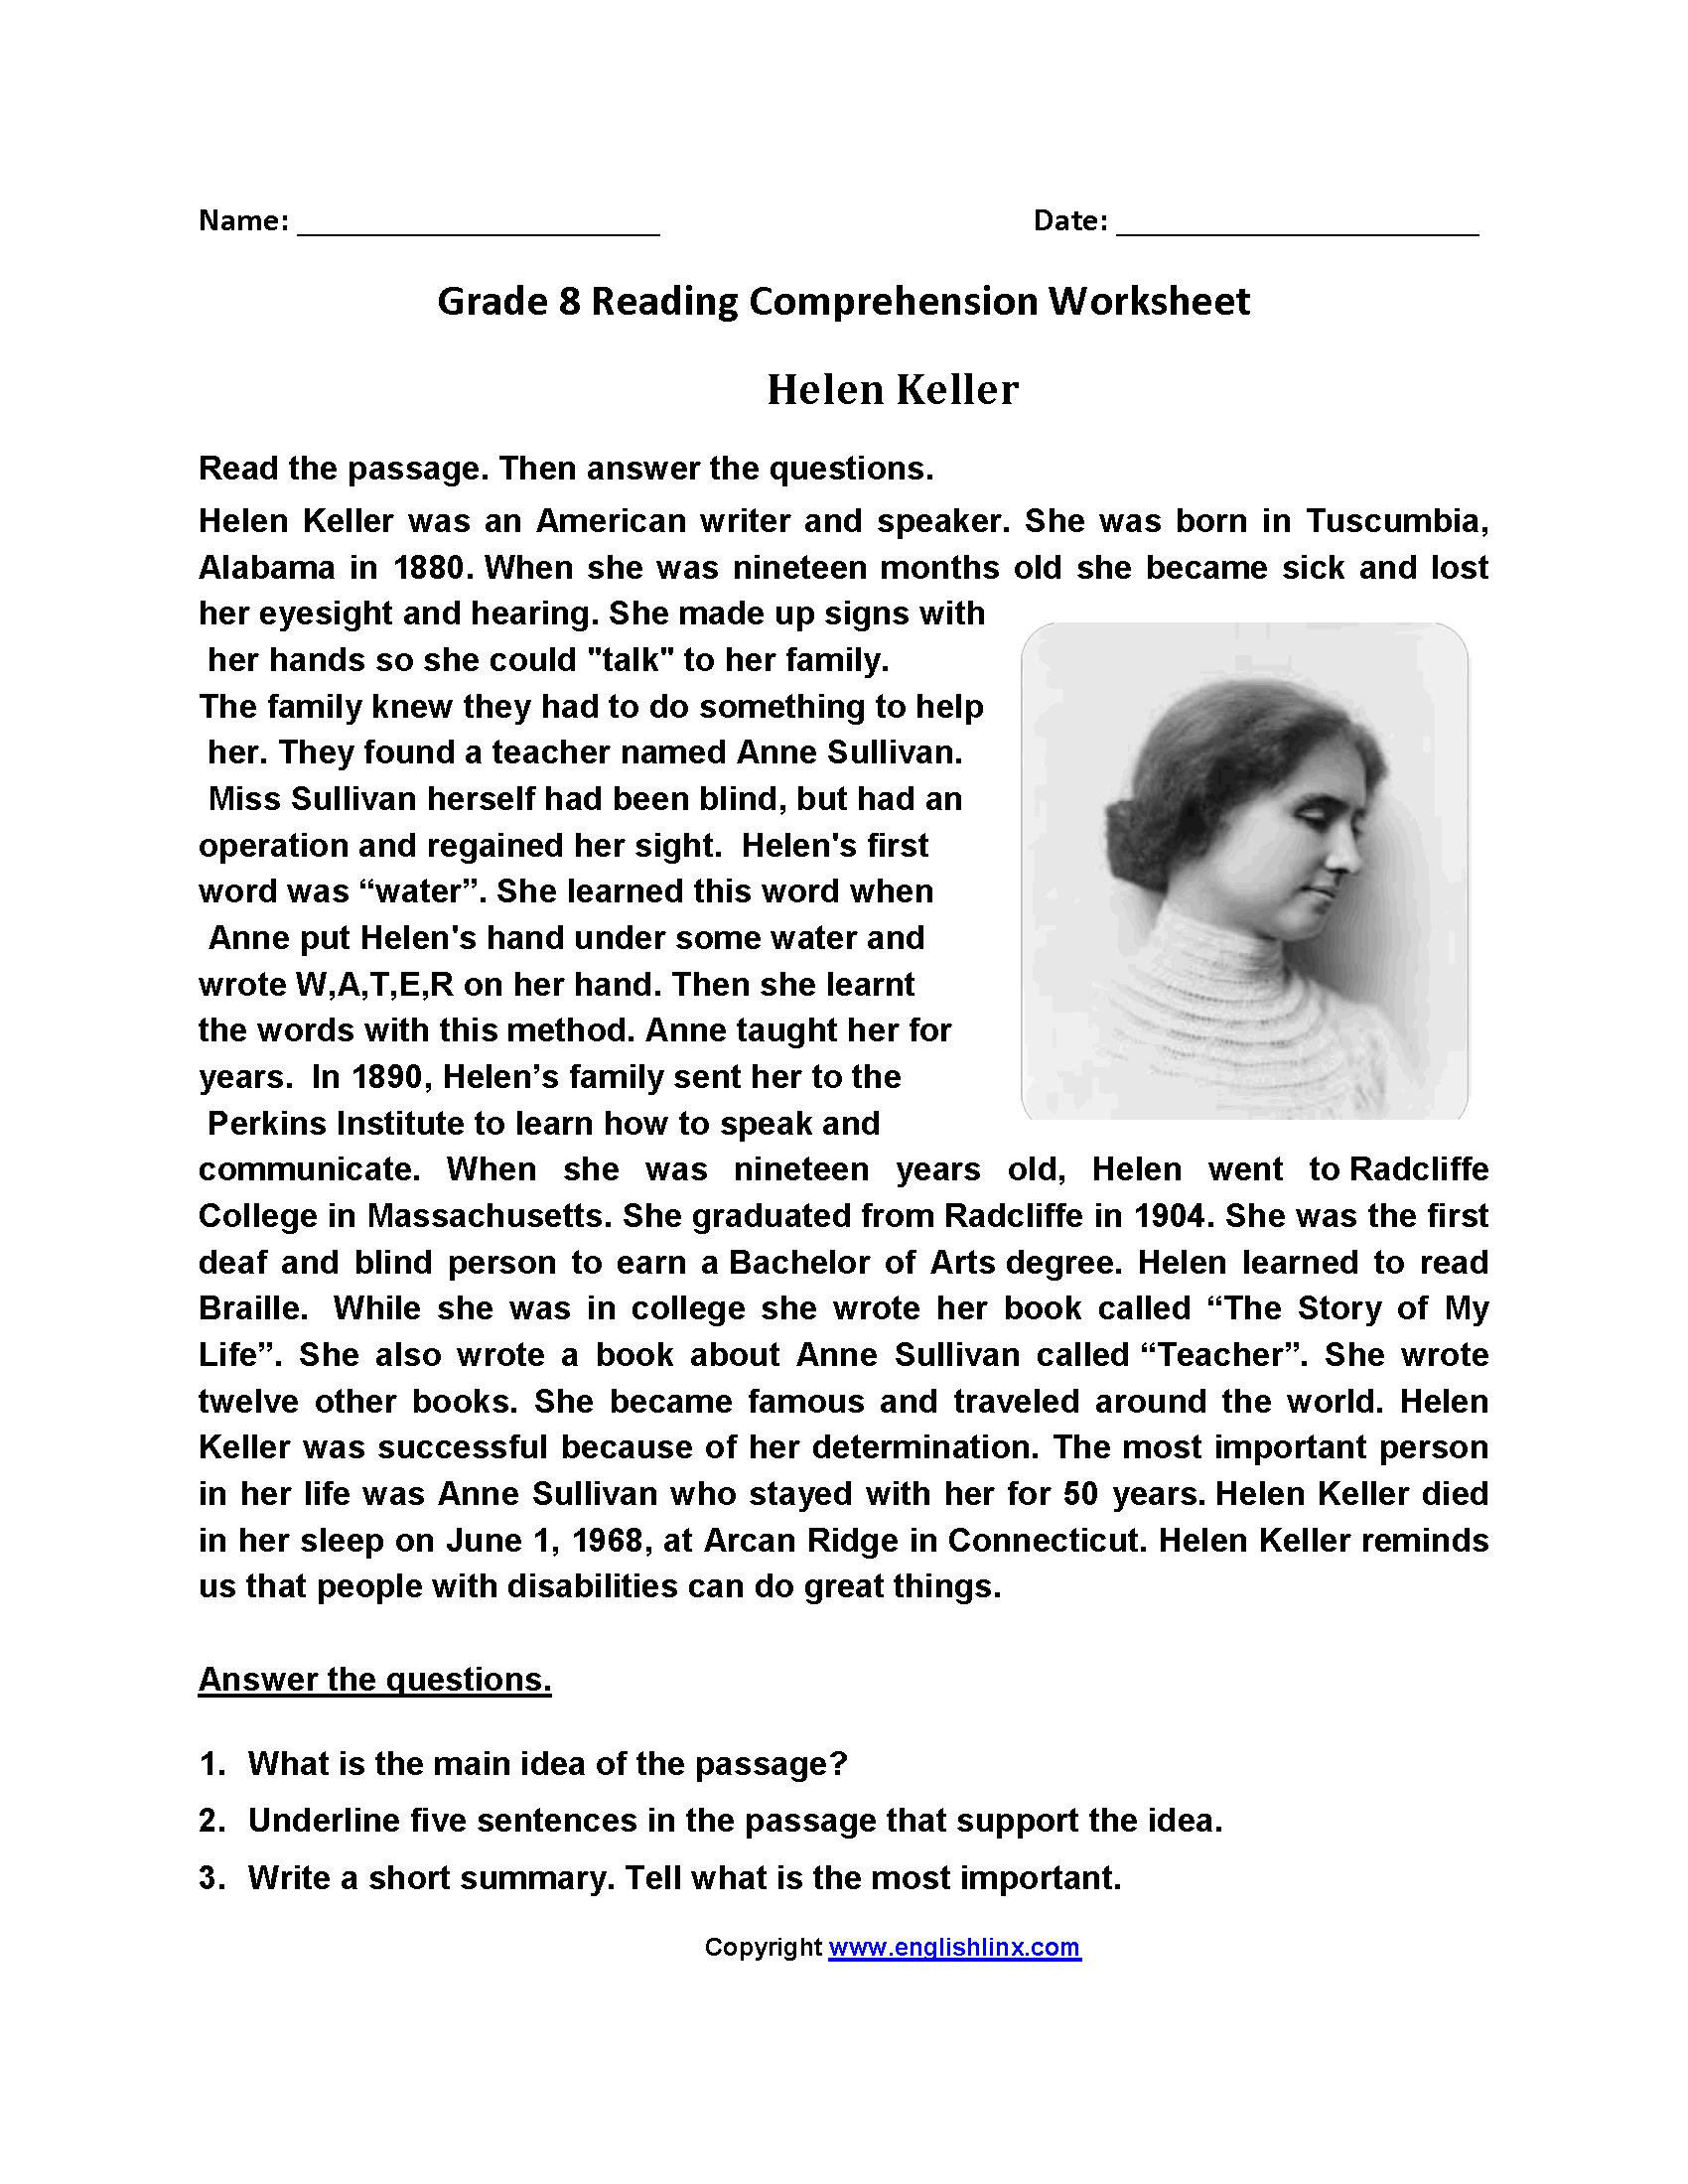 Helen Keller Eighth Grade Reading Worksheets   8Th Grade Reading Wks - Free Printable Pictures Of Helen Keller